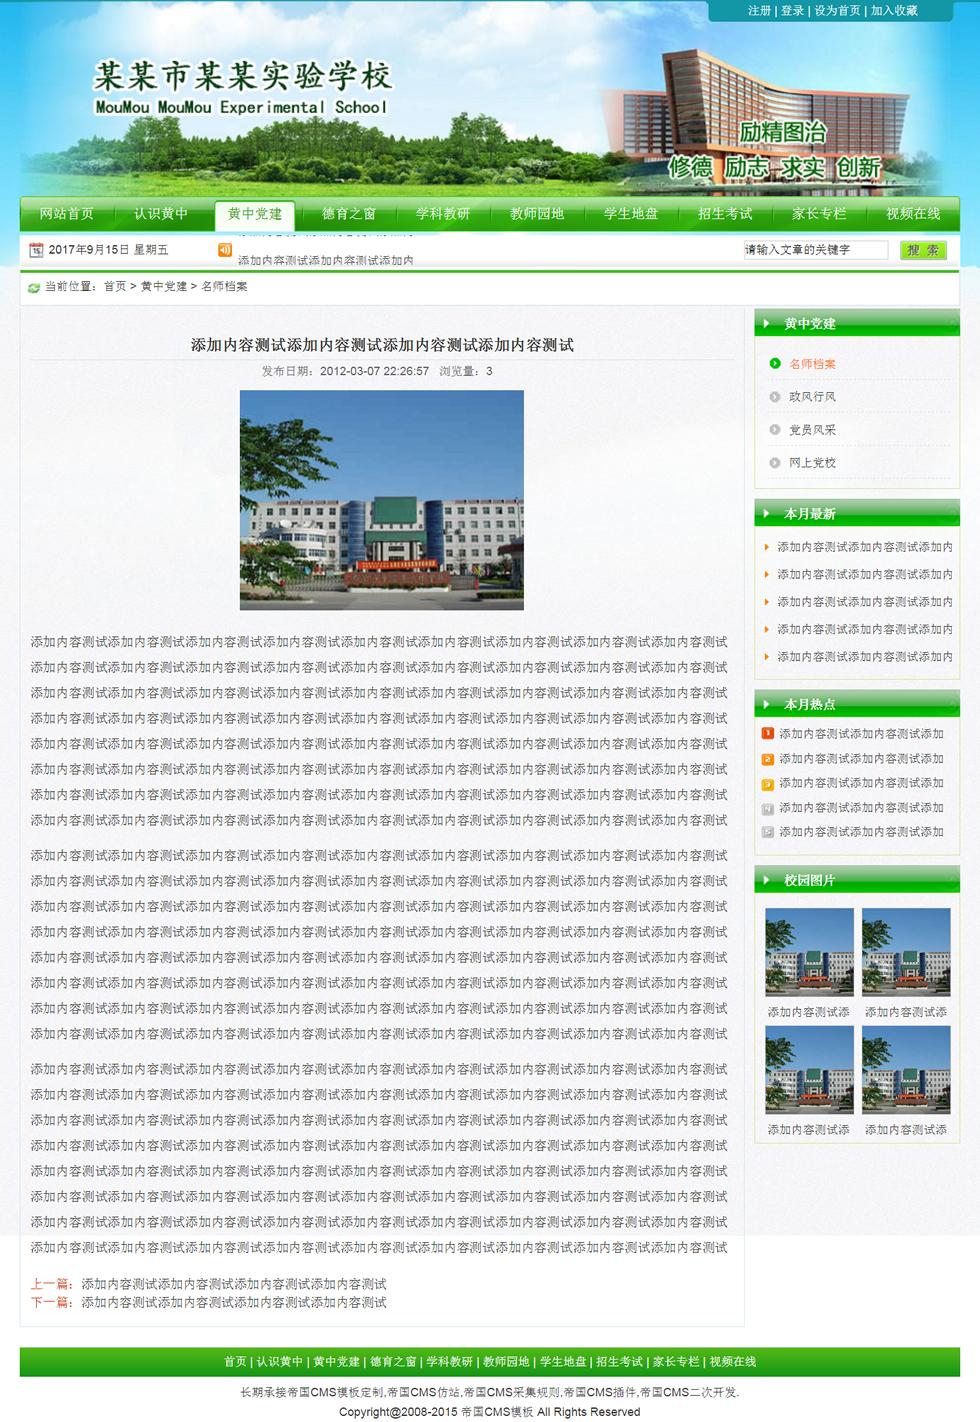 帝国cms绿色风格中小学校网站模板_内容页模板